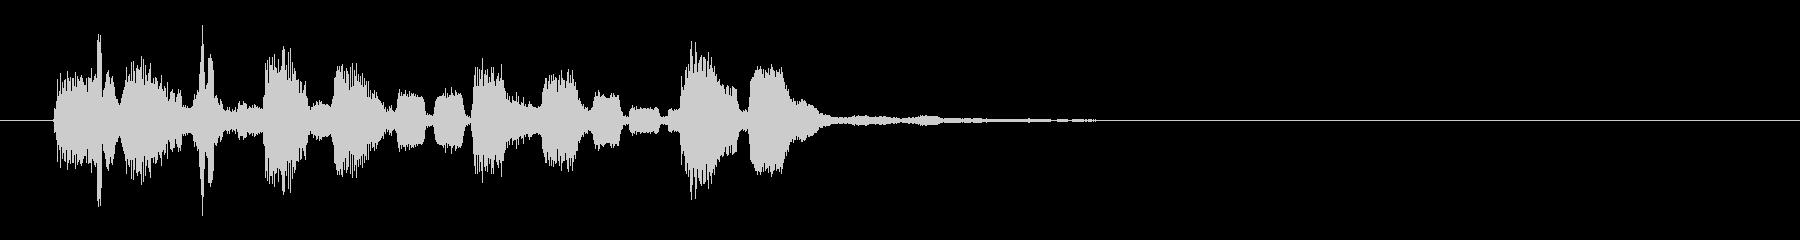 ドミソド(-1):コンピューターチックの未再生の波形